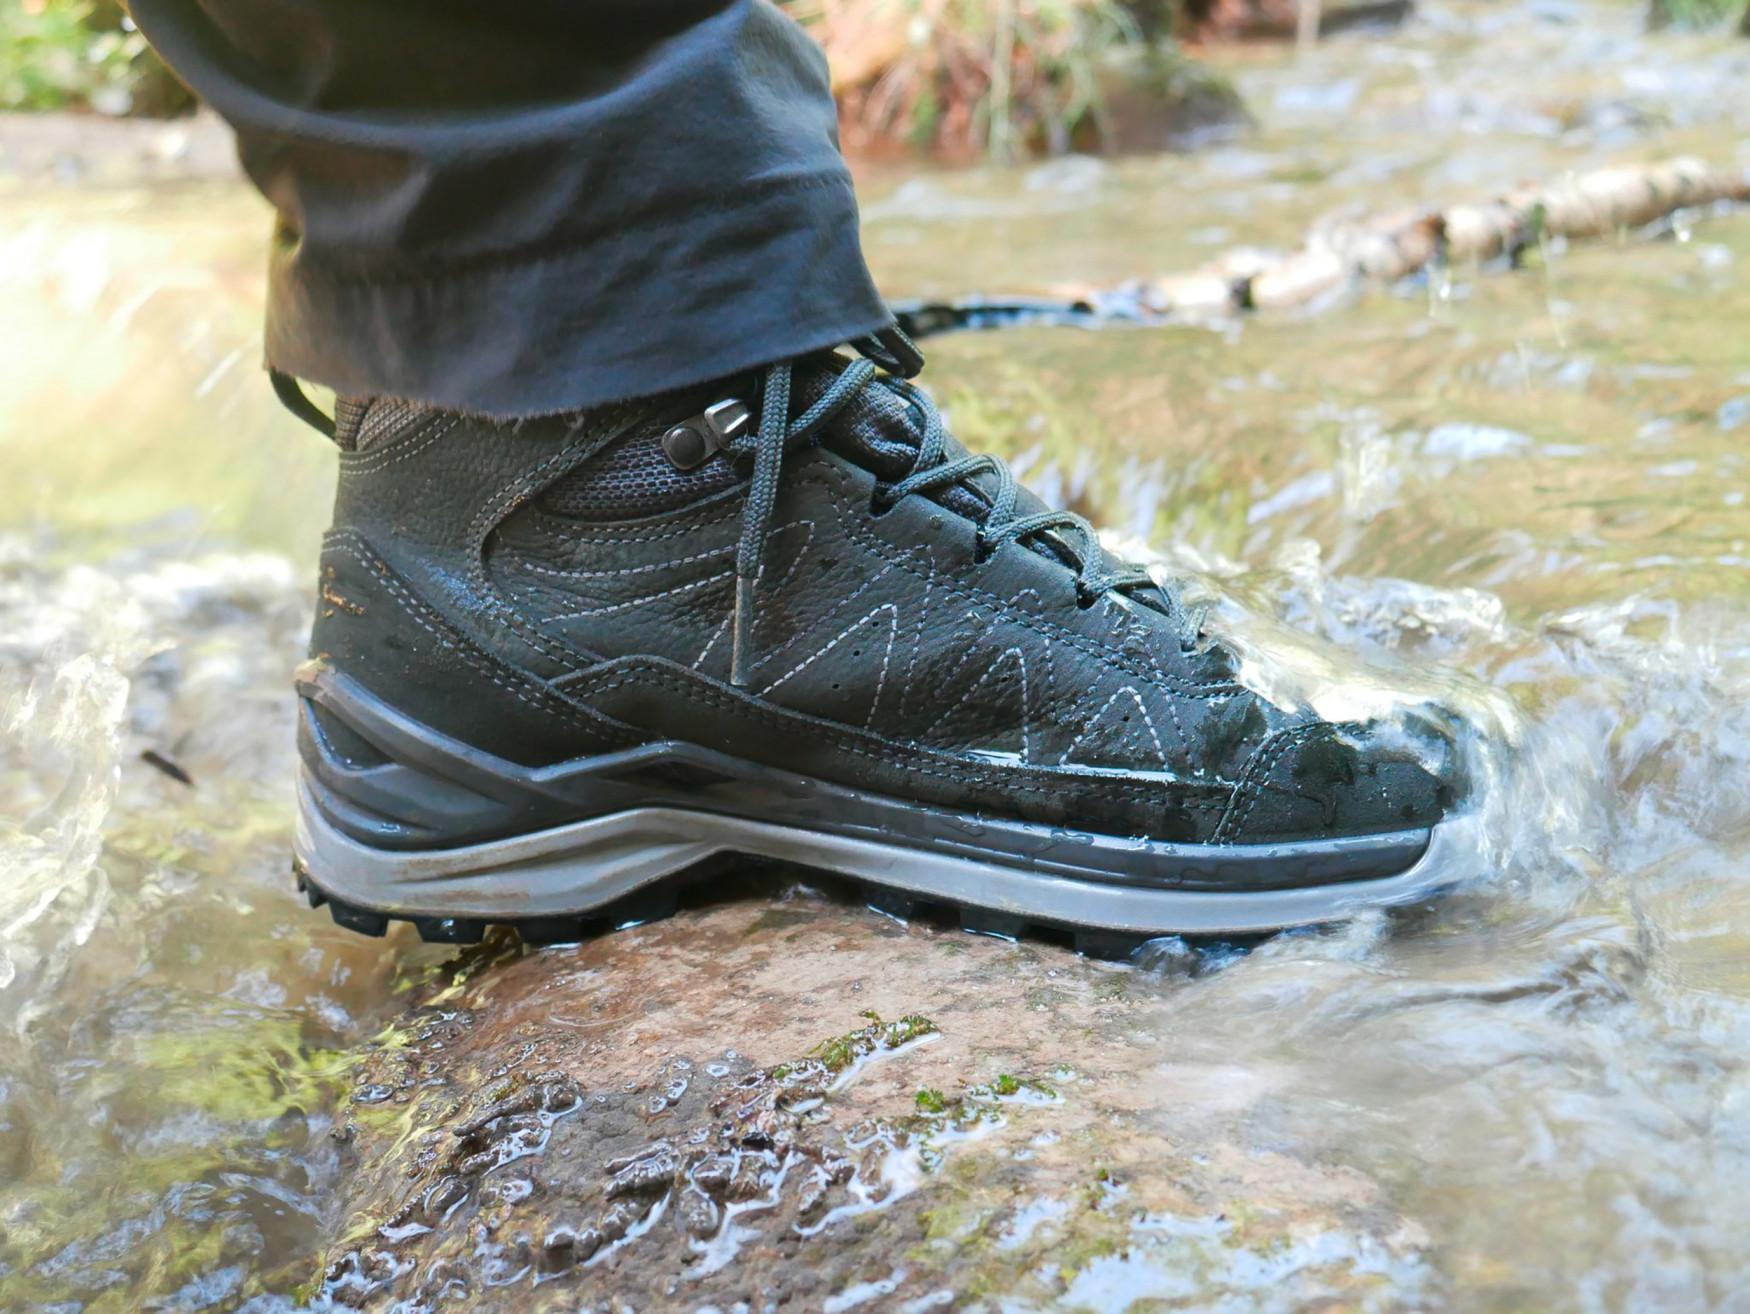 De nieuwe multifunctionele TORO EVO LL MID-schoenen overtuigen met een zeer goede pasvorm en sportieve genen - van de robuuste materiaalmix tot de antislip buitenzool. De schoenen hebben een moderne derbysnit en overtuigen door een lederen voering met optimaal draagcomfort. Bovendien biedt de gepatenteerde LOWA MONOWRAP®-zoolopbouw een betere geleiding van de voet en zorgt de direct aangegoten tussenzool van LOWA DynaPU® voor een optimale demping bij elke stap.